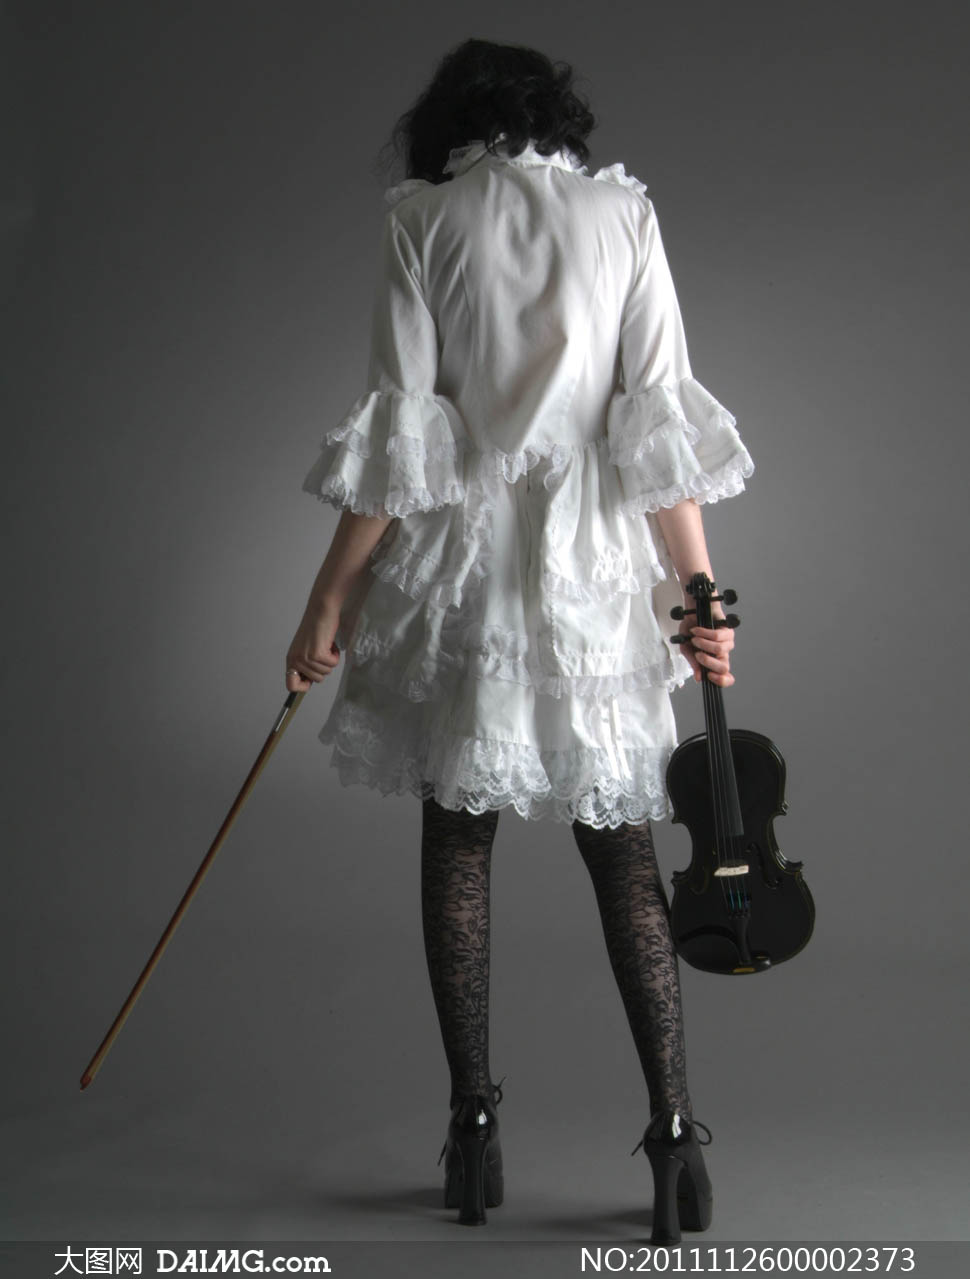 拿着小提琴的美女背影摄影图片